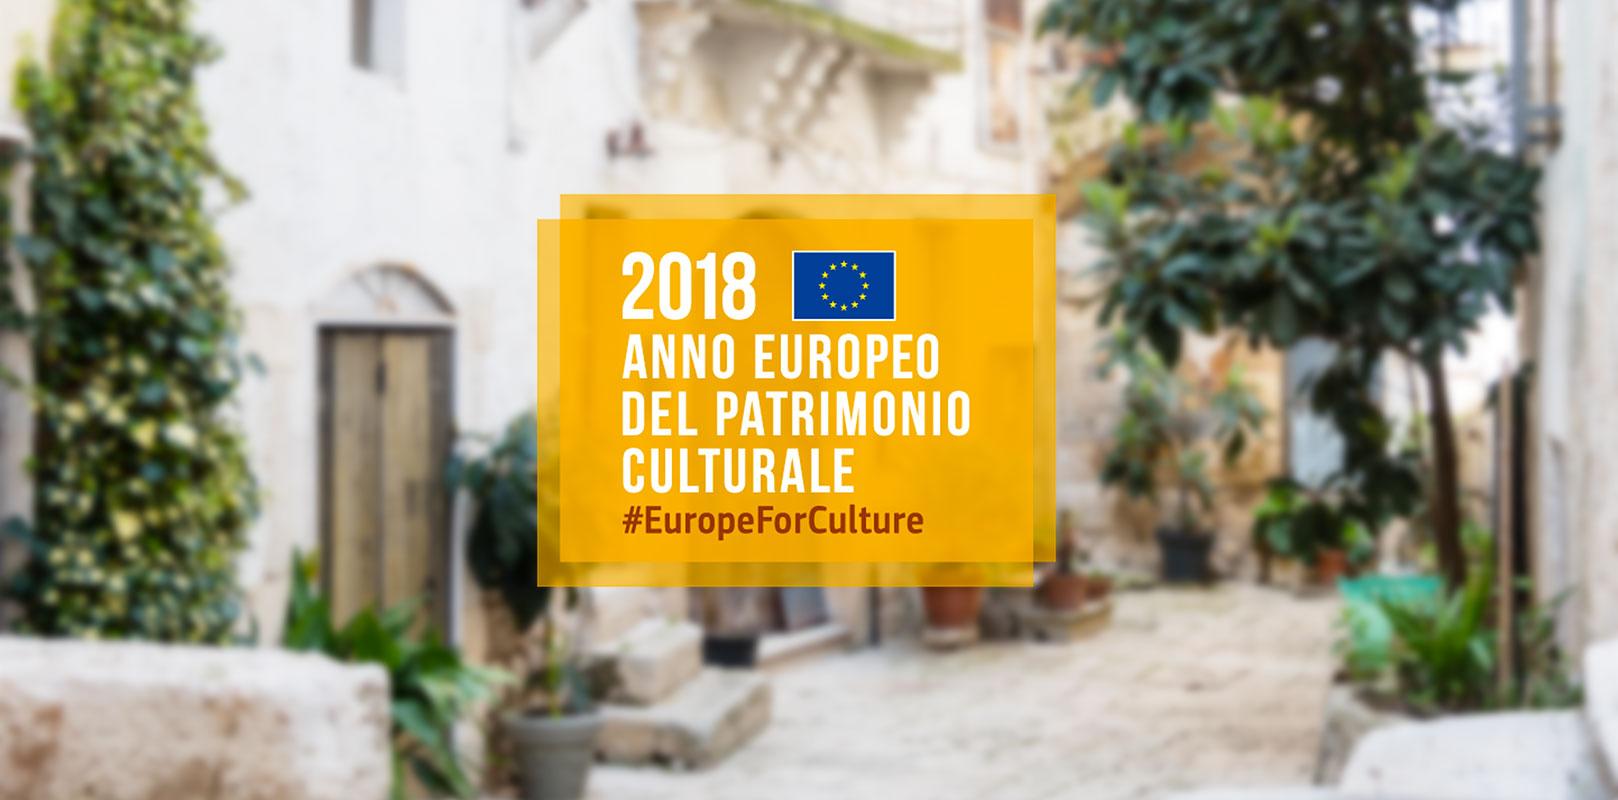 Festival dei Claustri per l'anno europeo del patrimonio culturale